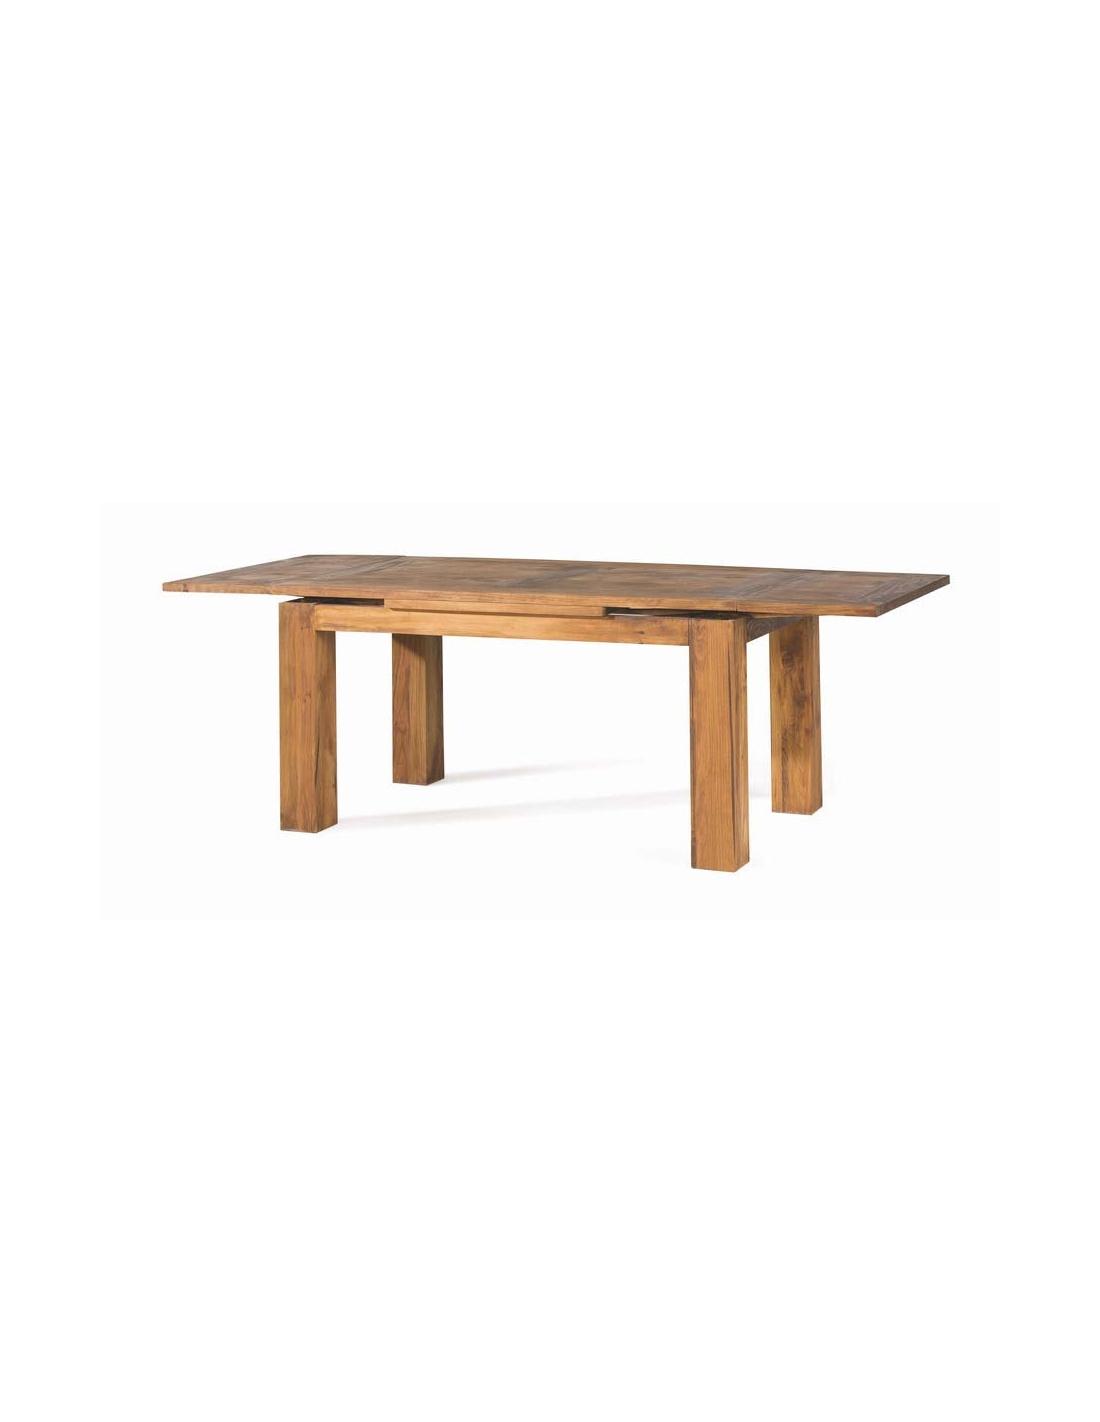 Comprar mesa de comedor rustica rectangular extensible zoom - Mesa comedor rustica extensible ...